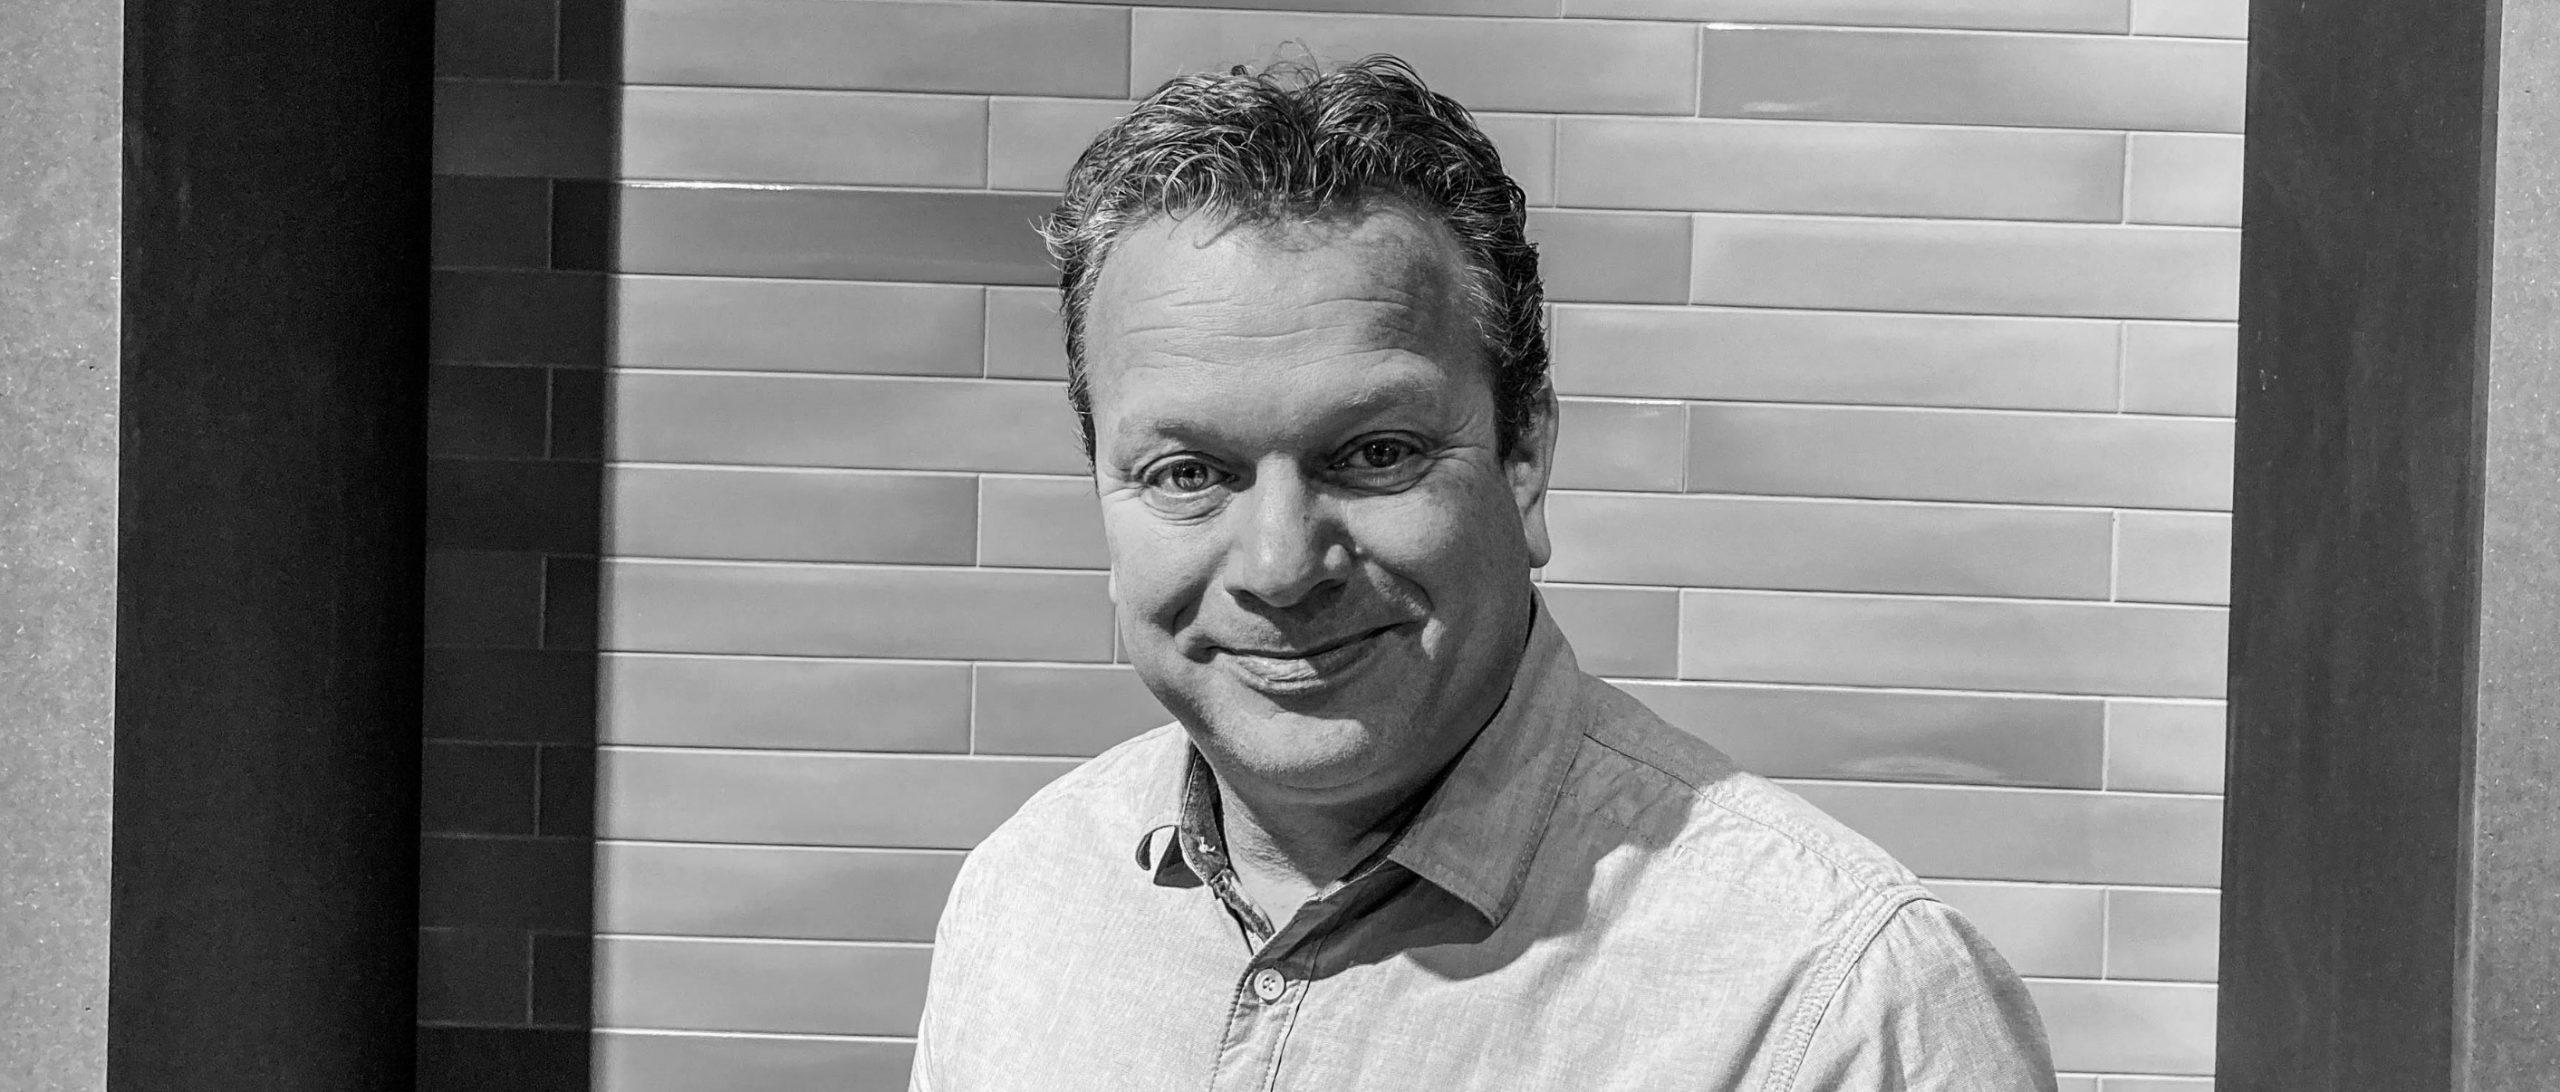 Spadon verwelkomt Pascal Wijnen